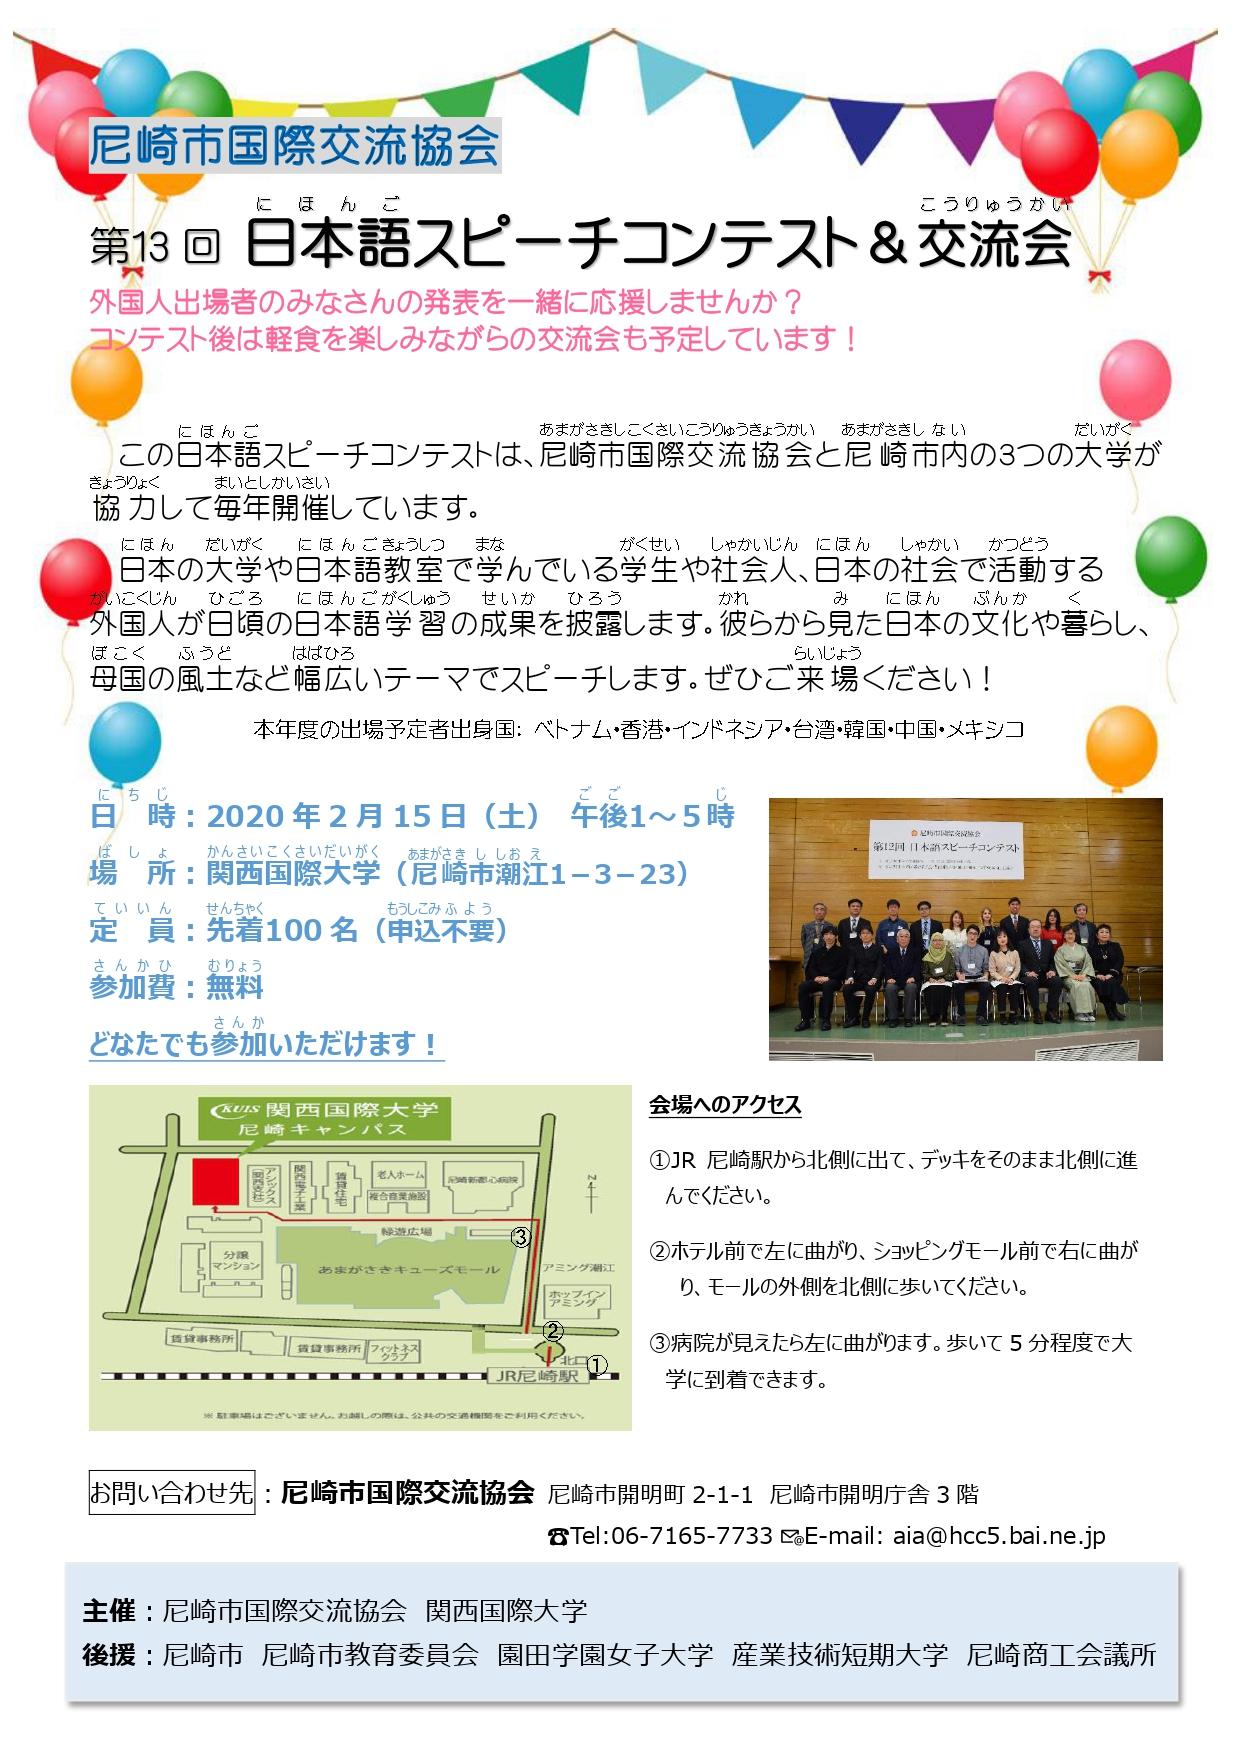 「第13回 日本語スピーチコンテスト」案内